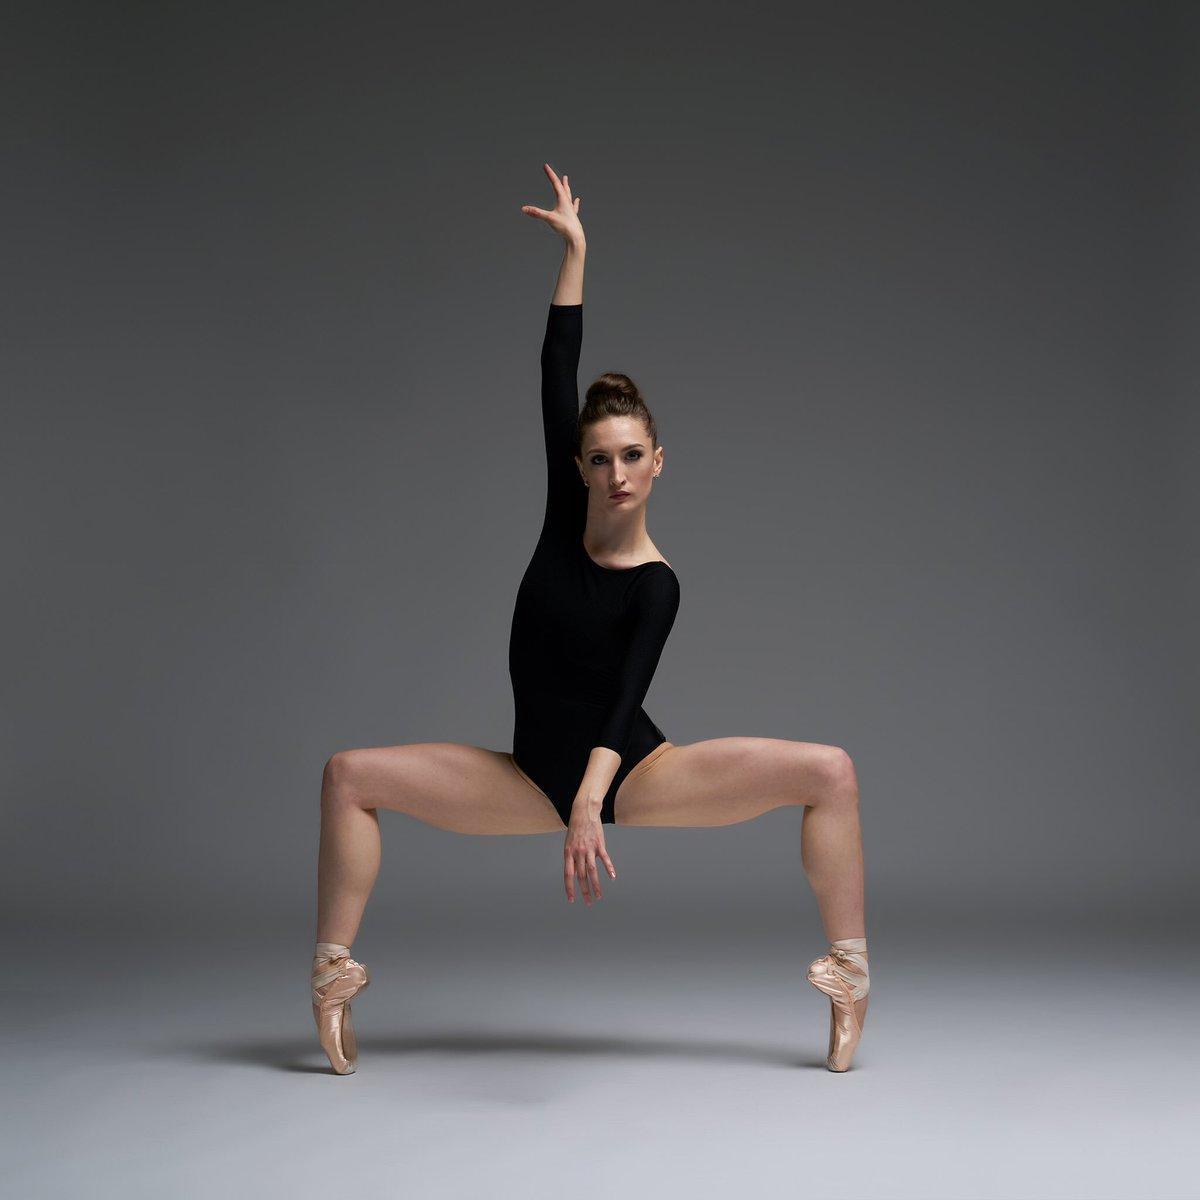 831dadd57 Jule Dancewear on Twitter